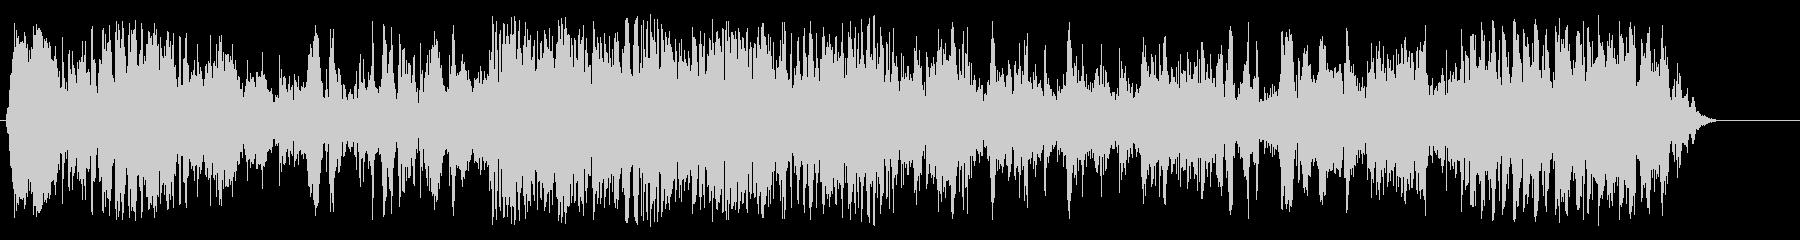 スロットマシンの未再生の波形